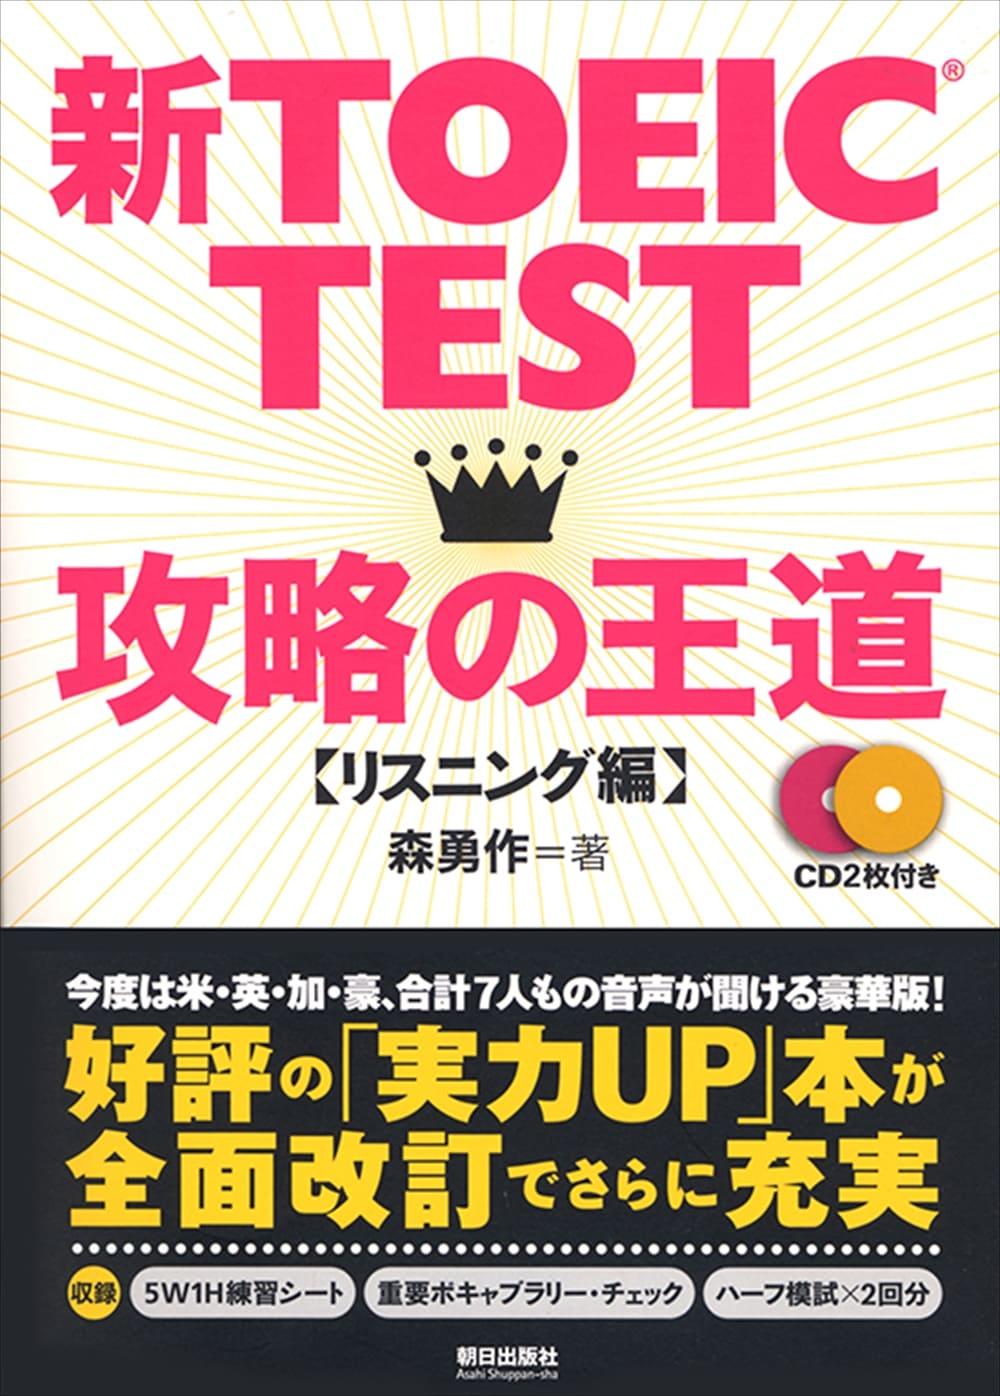 新TOEIC TEST攻略の王道